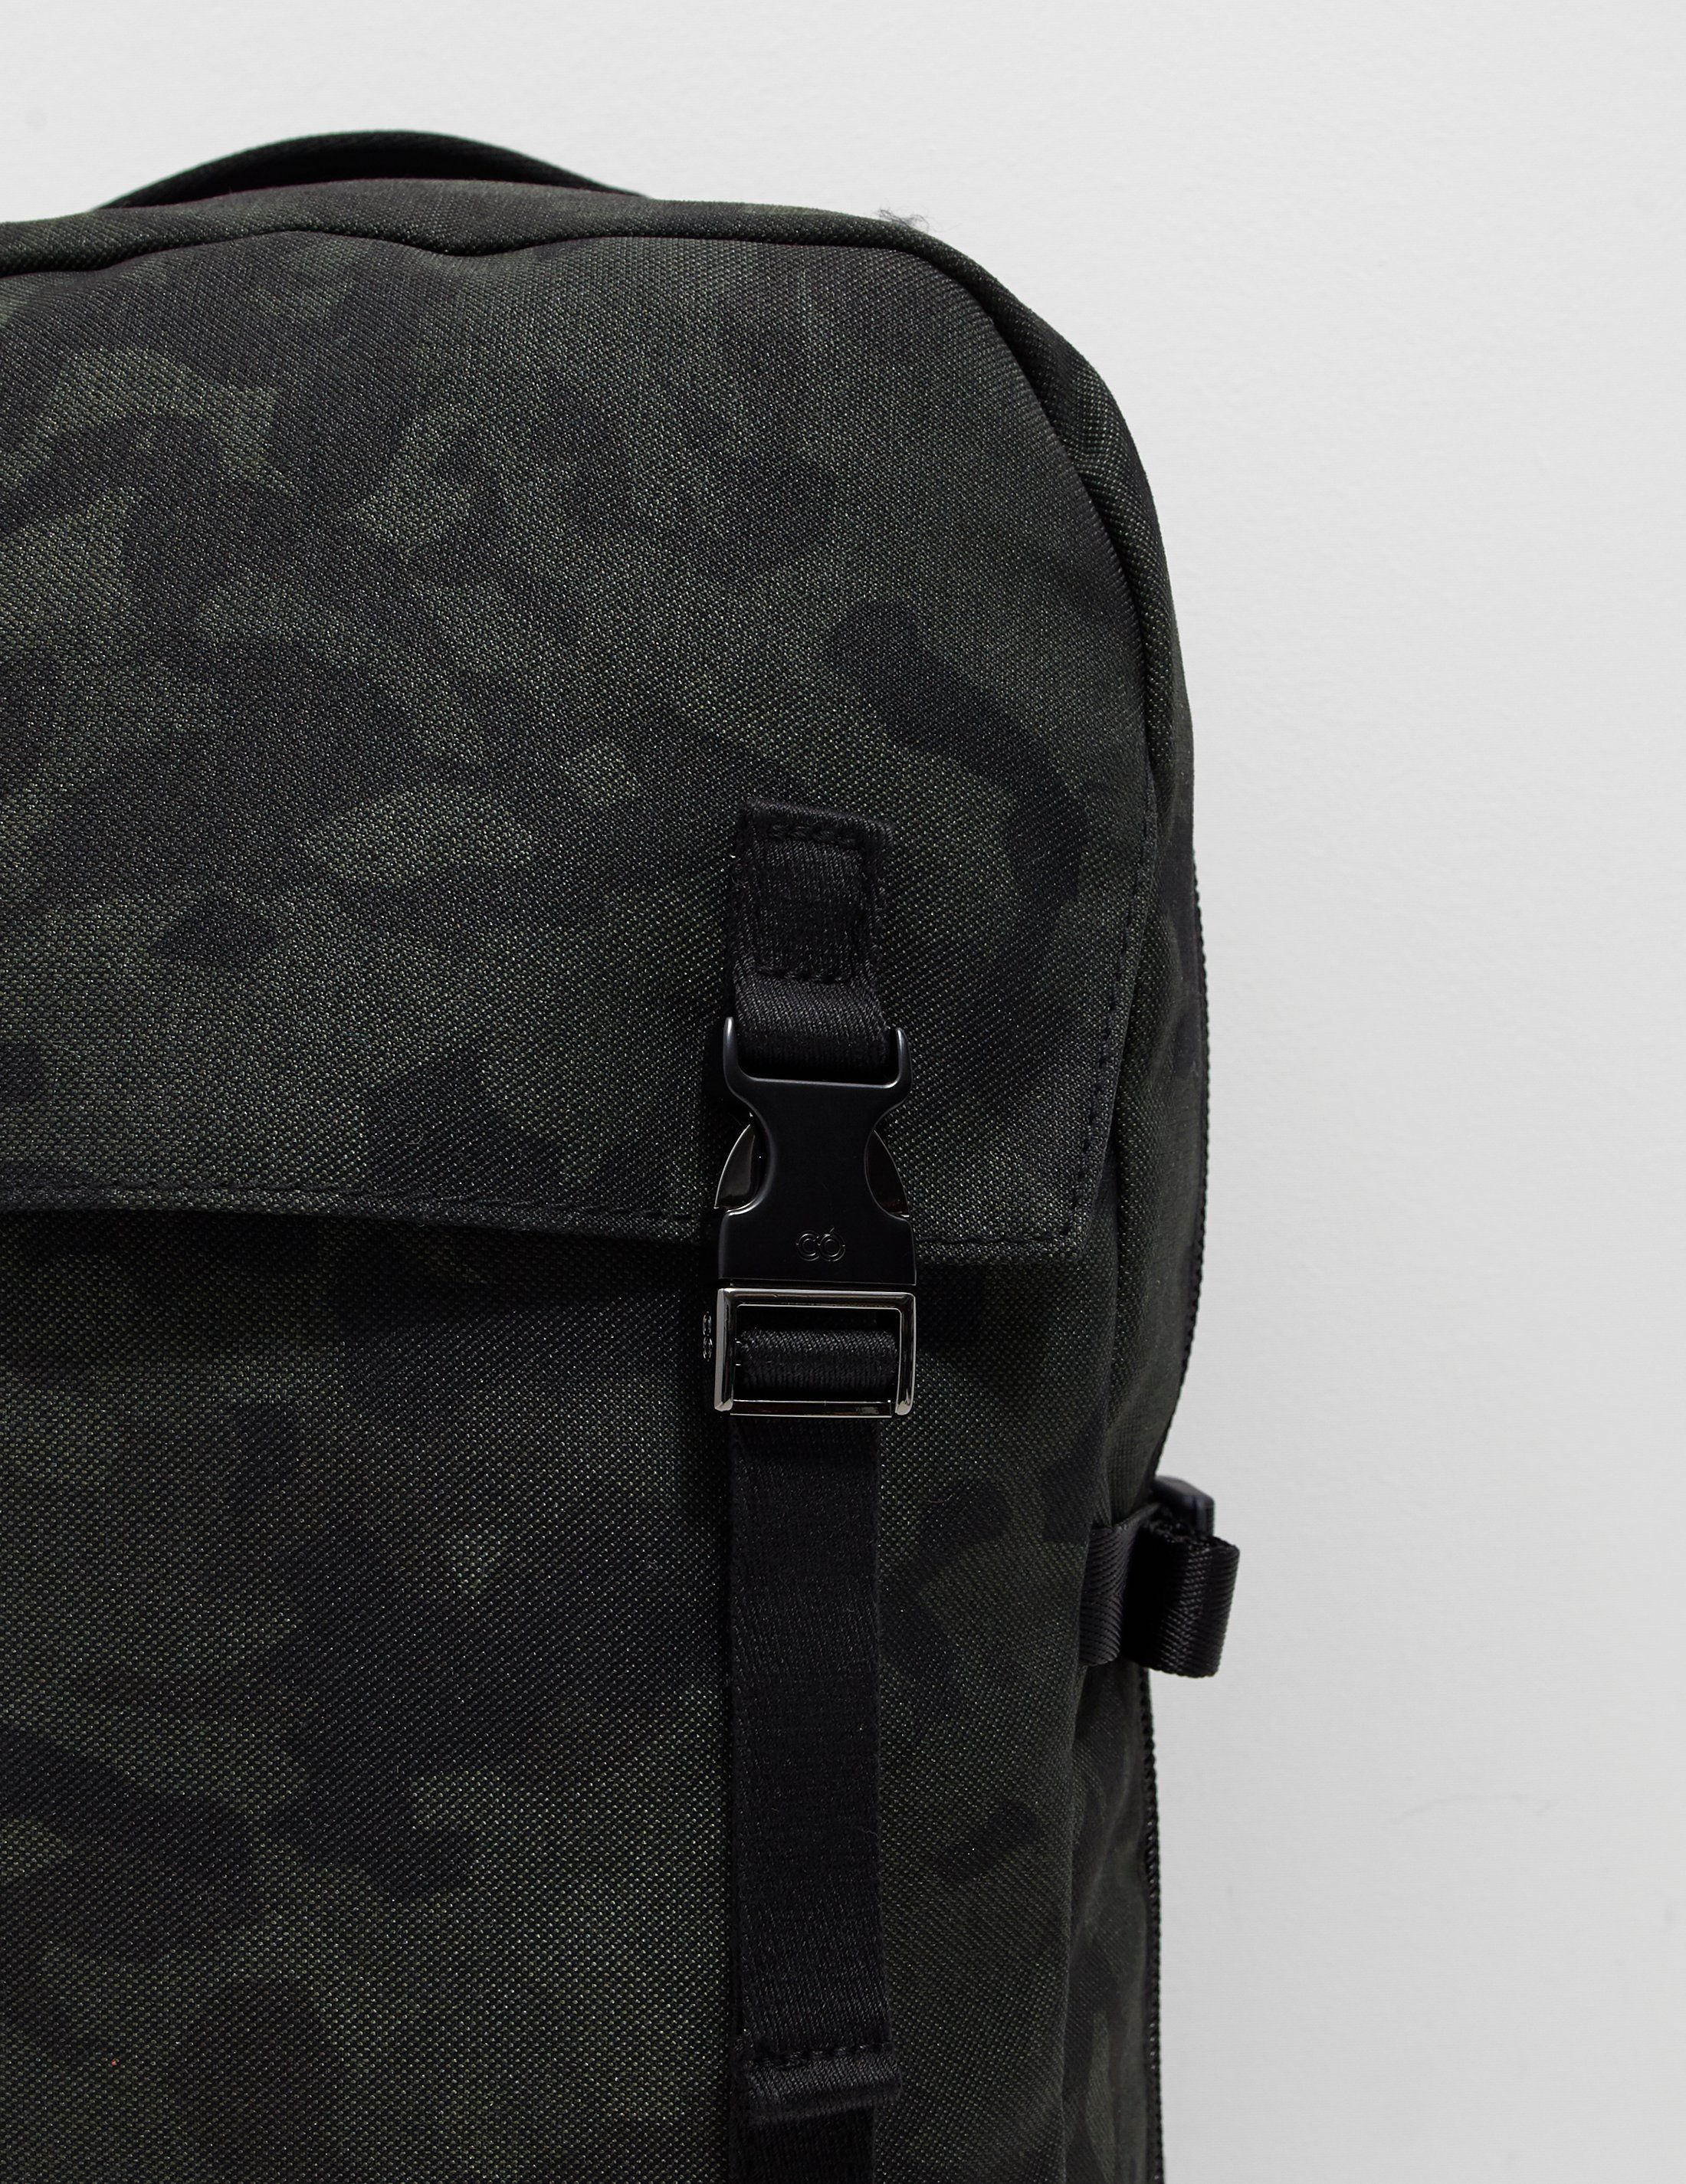 C6 Base Backpack